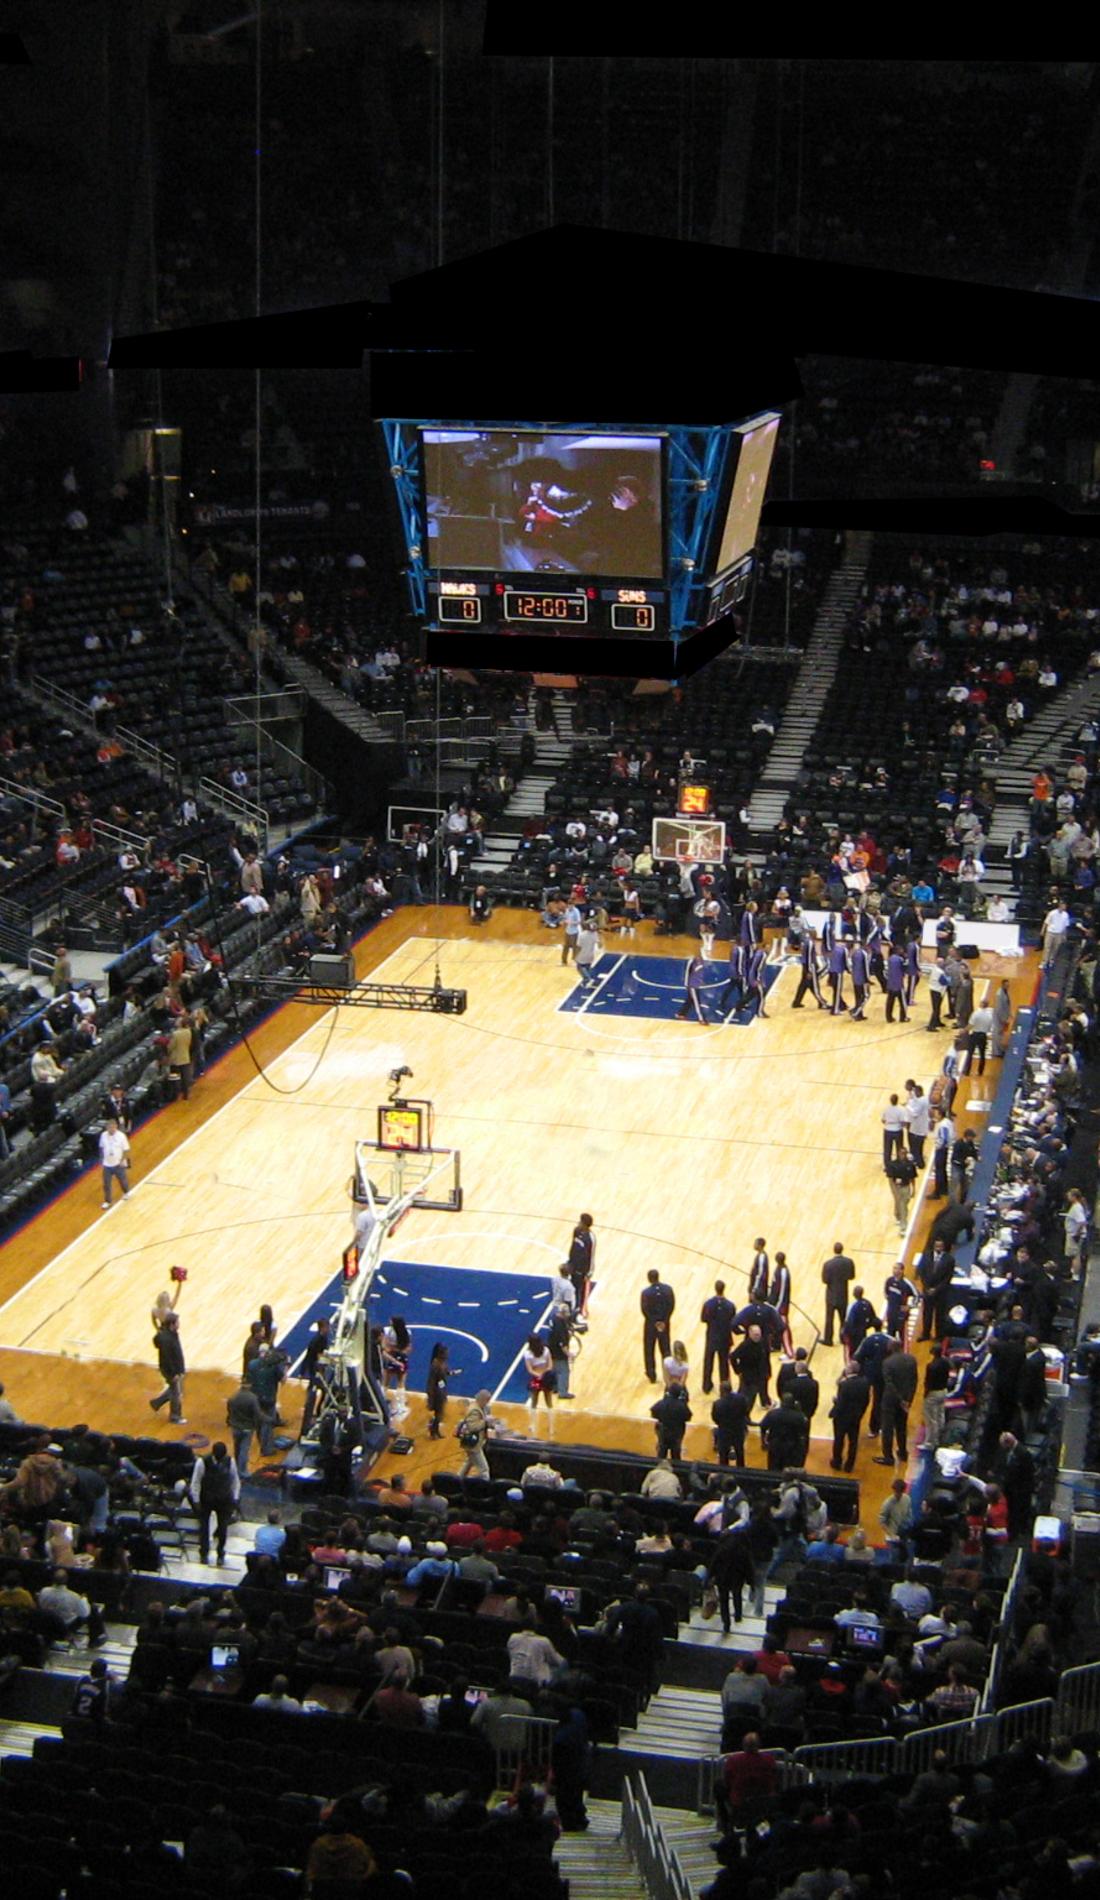 A Atlanta Hawks live event